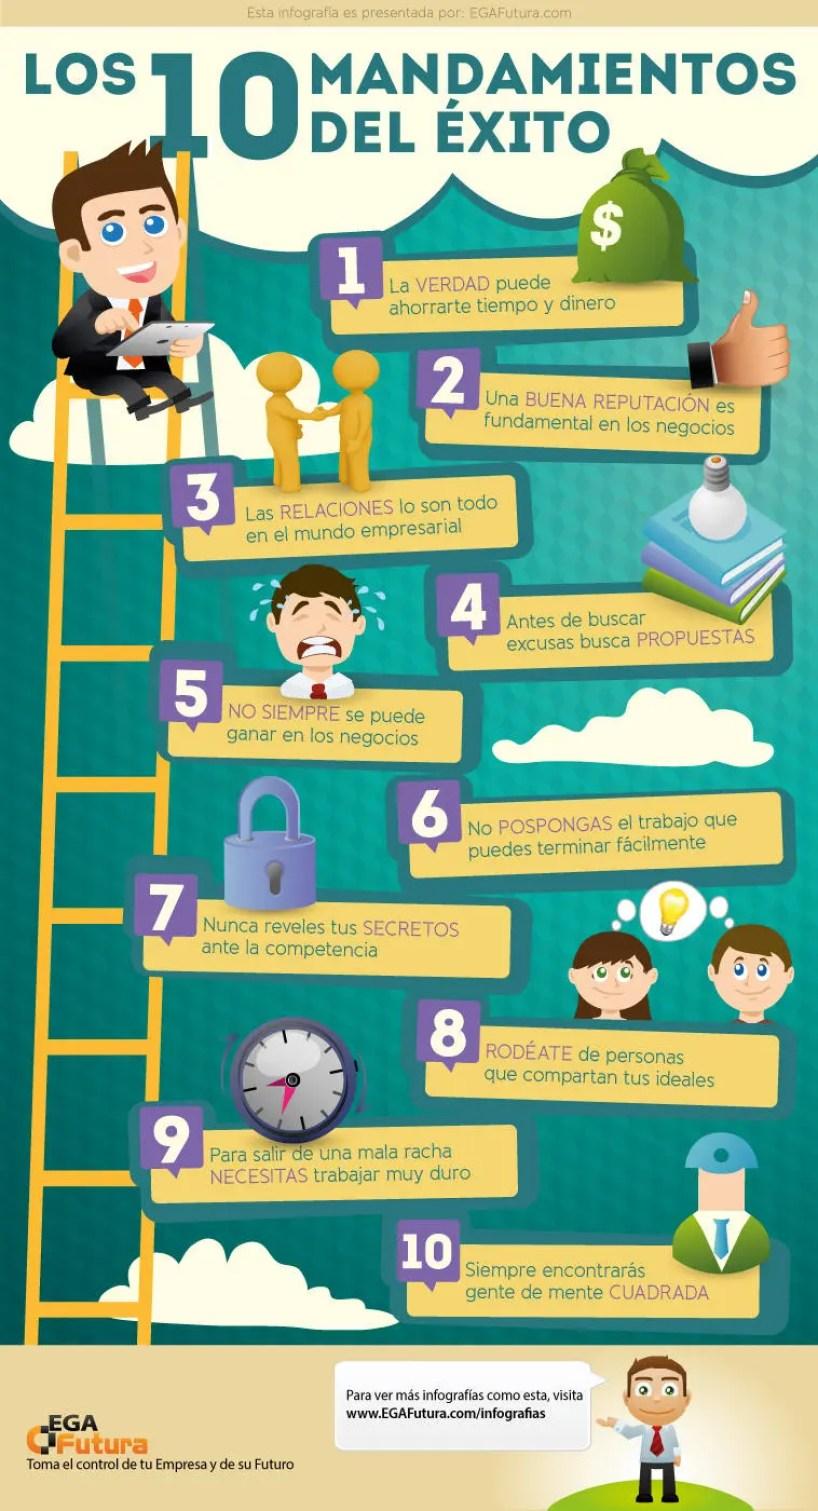 Los 10 mandamientos del éxito